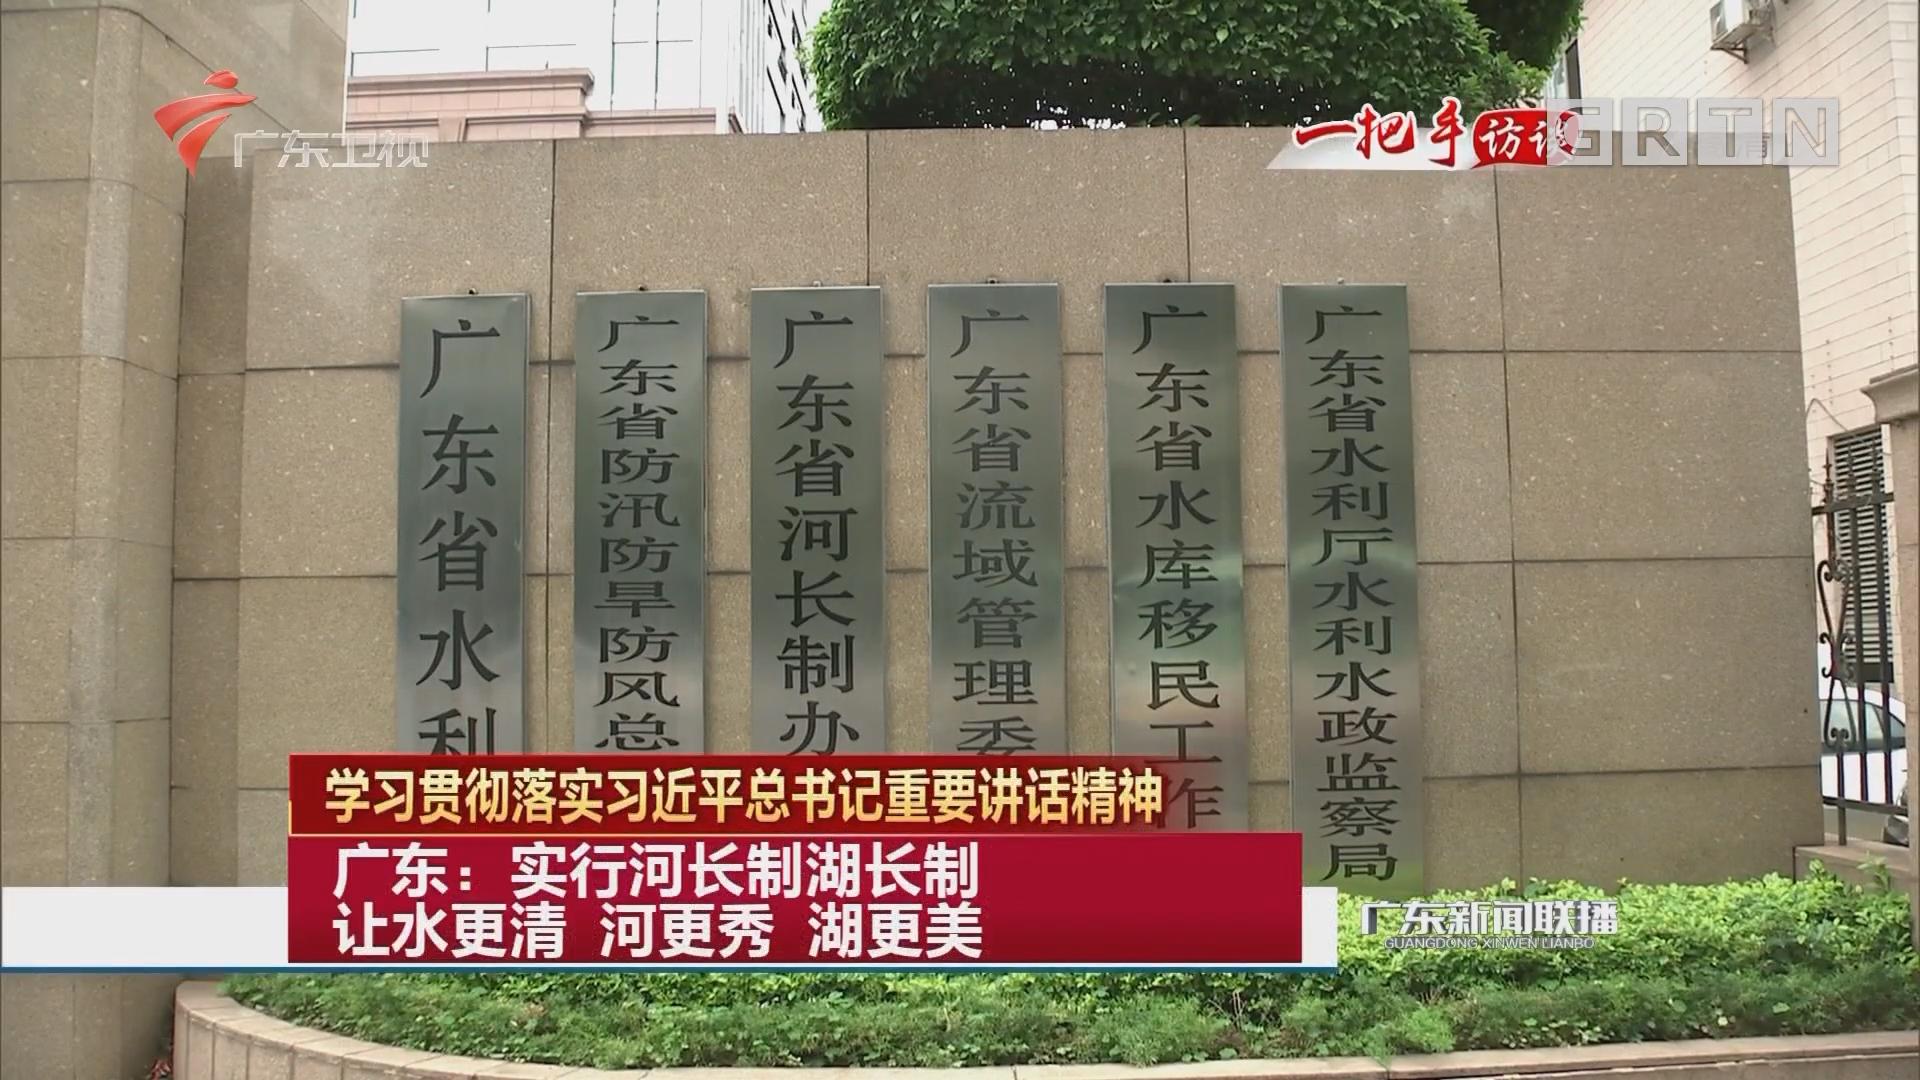 广东:实行河长制湖长制 让水更清 河更秀 湖更美